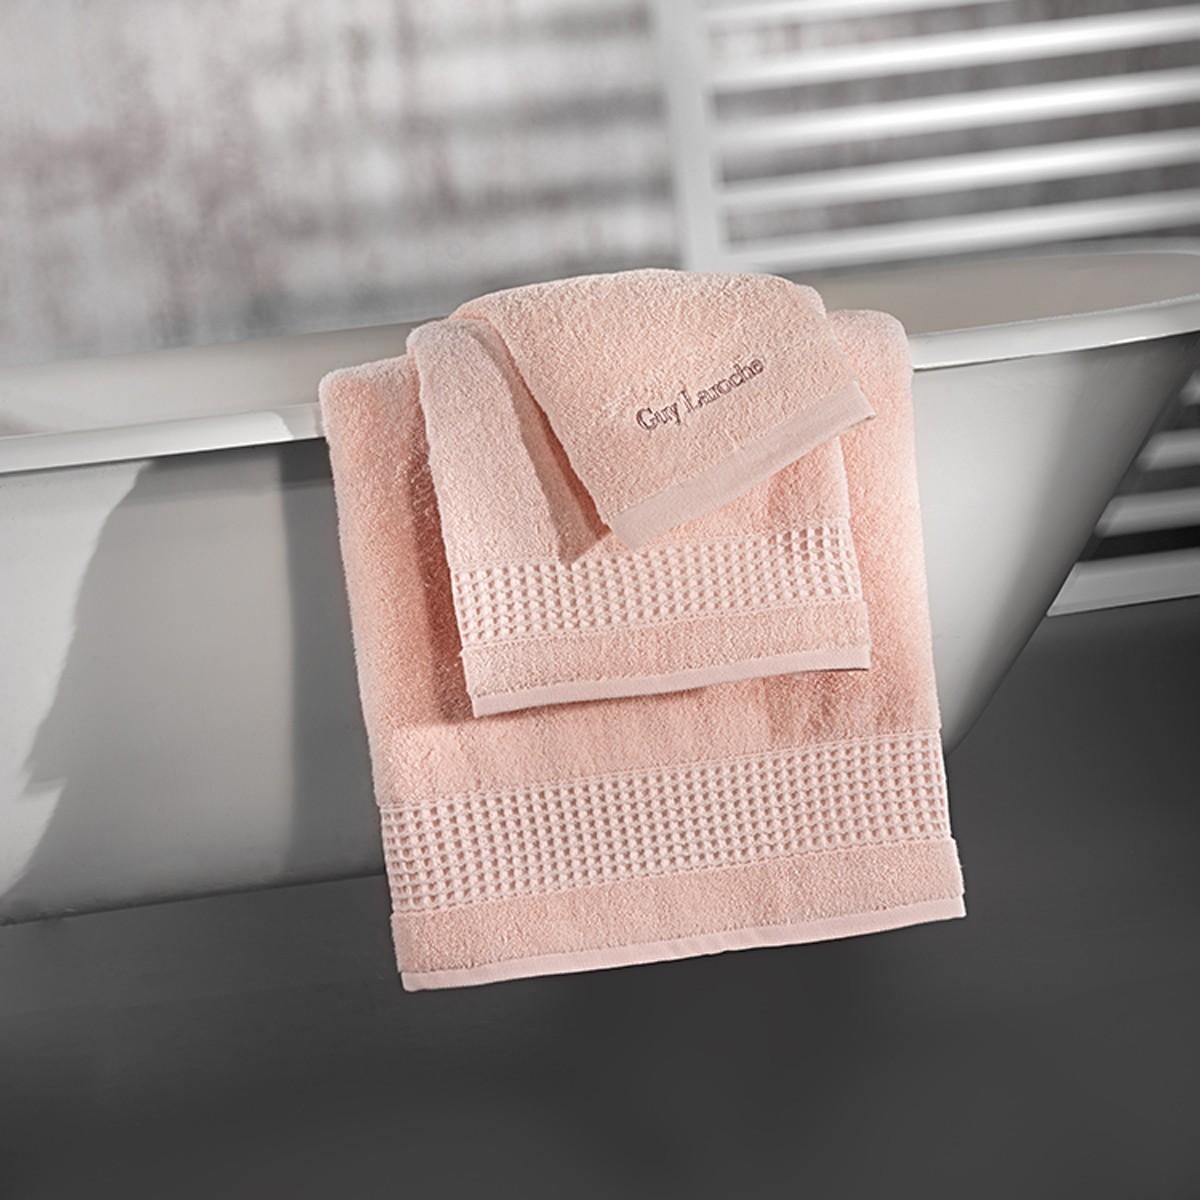 Πετσέτες Μπάνιου (Σετ 3τμχ) Guy Laroche Amaro Rose Pink